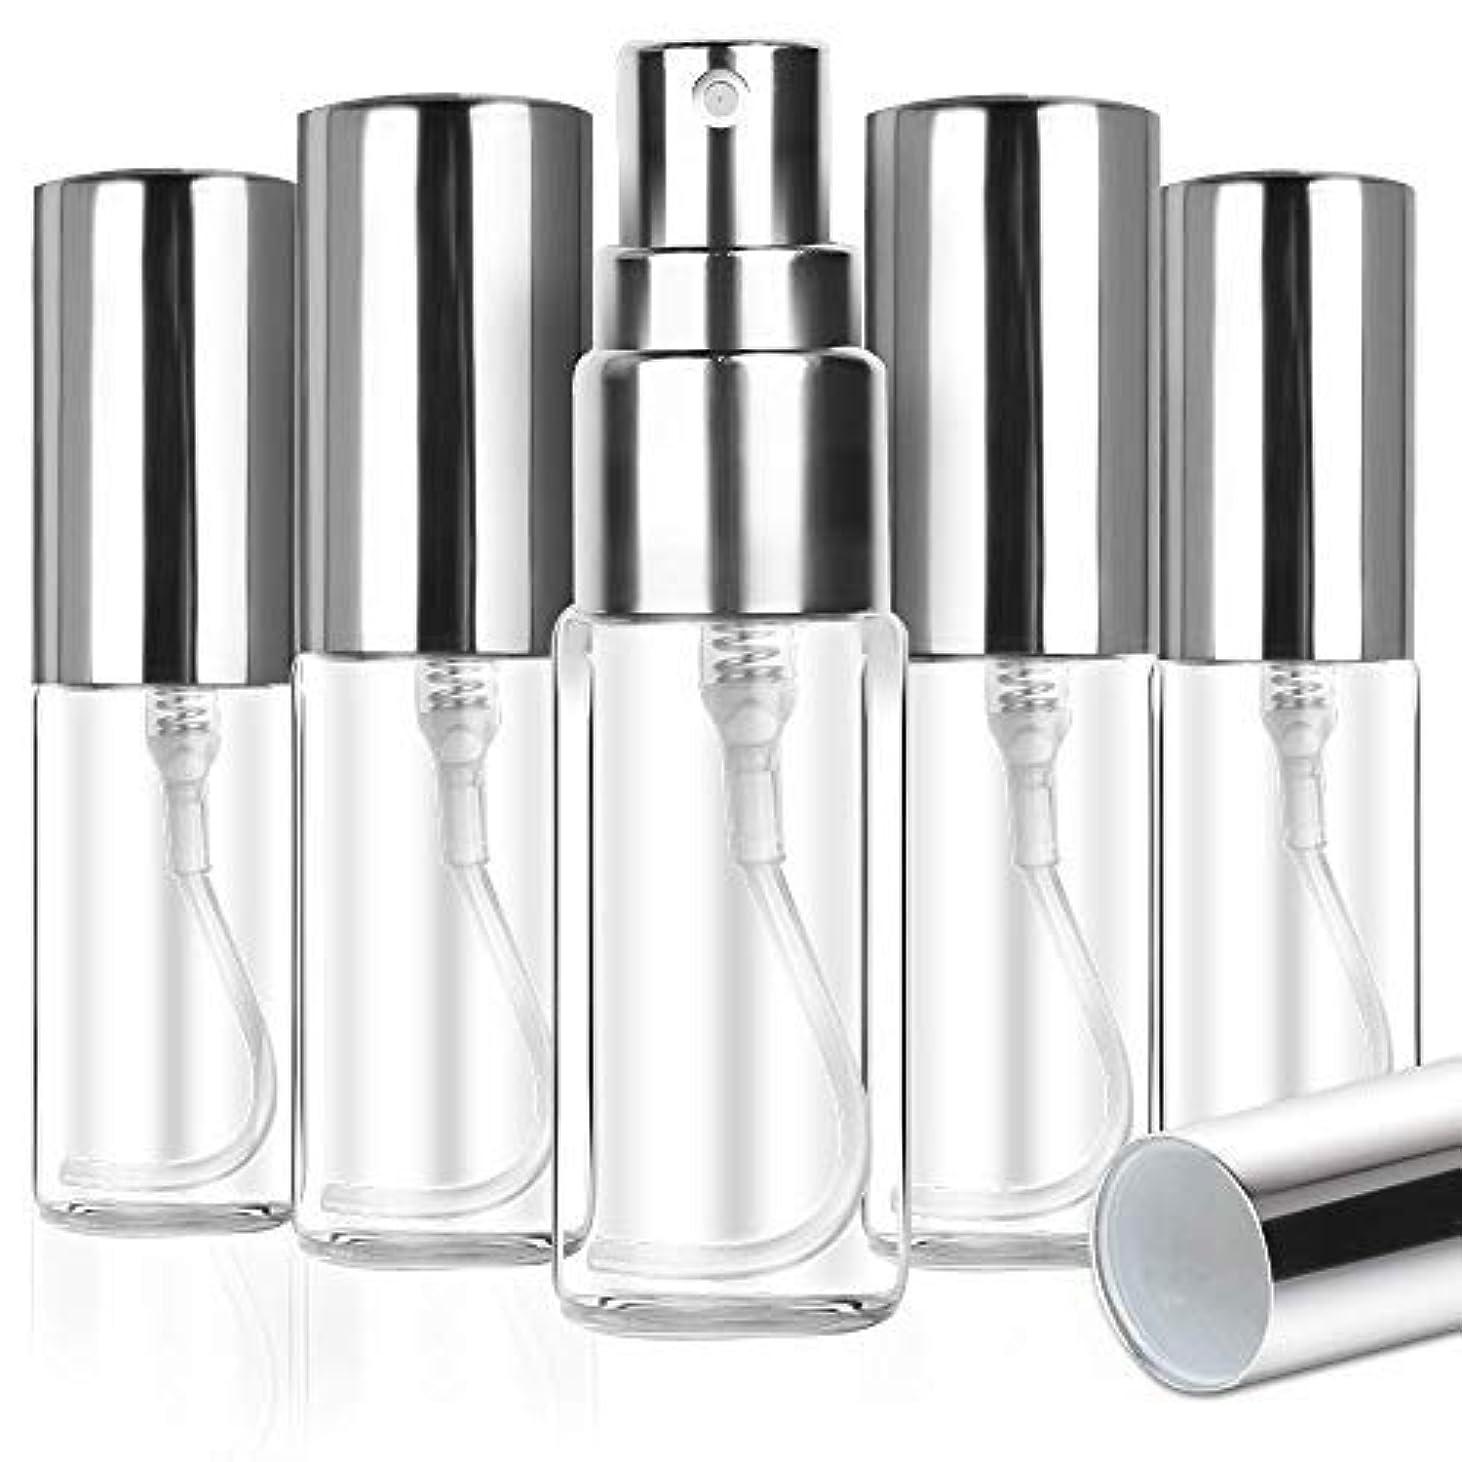 激しい対称多様なchaselpod 香水噴霧器 香水アトマイザー スプレーボトル ガラス 香水詰め替え ミニ 携帯便利 軽量 上品 5ml 5本 (銀)